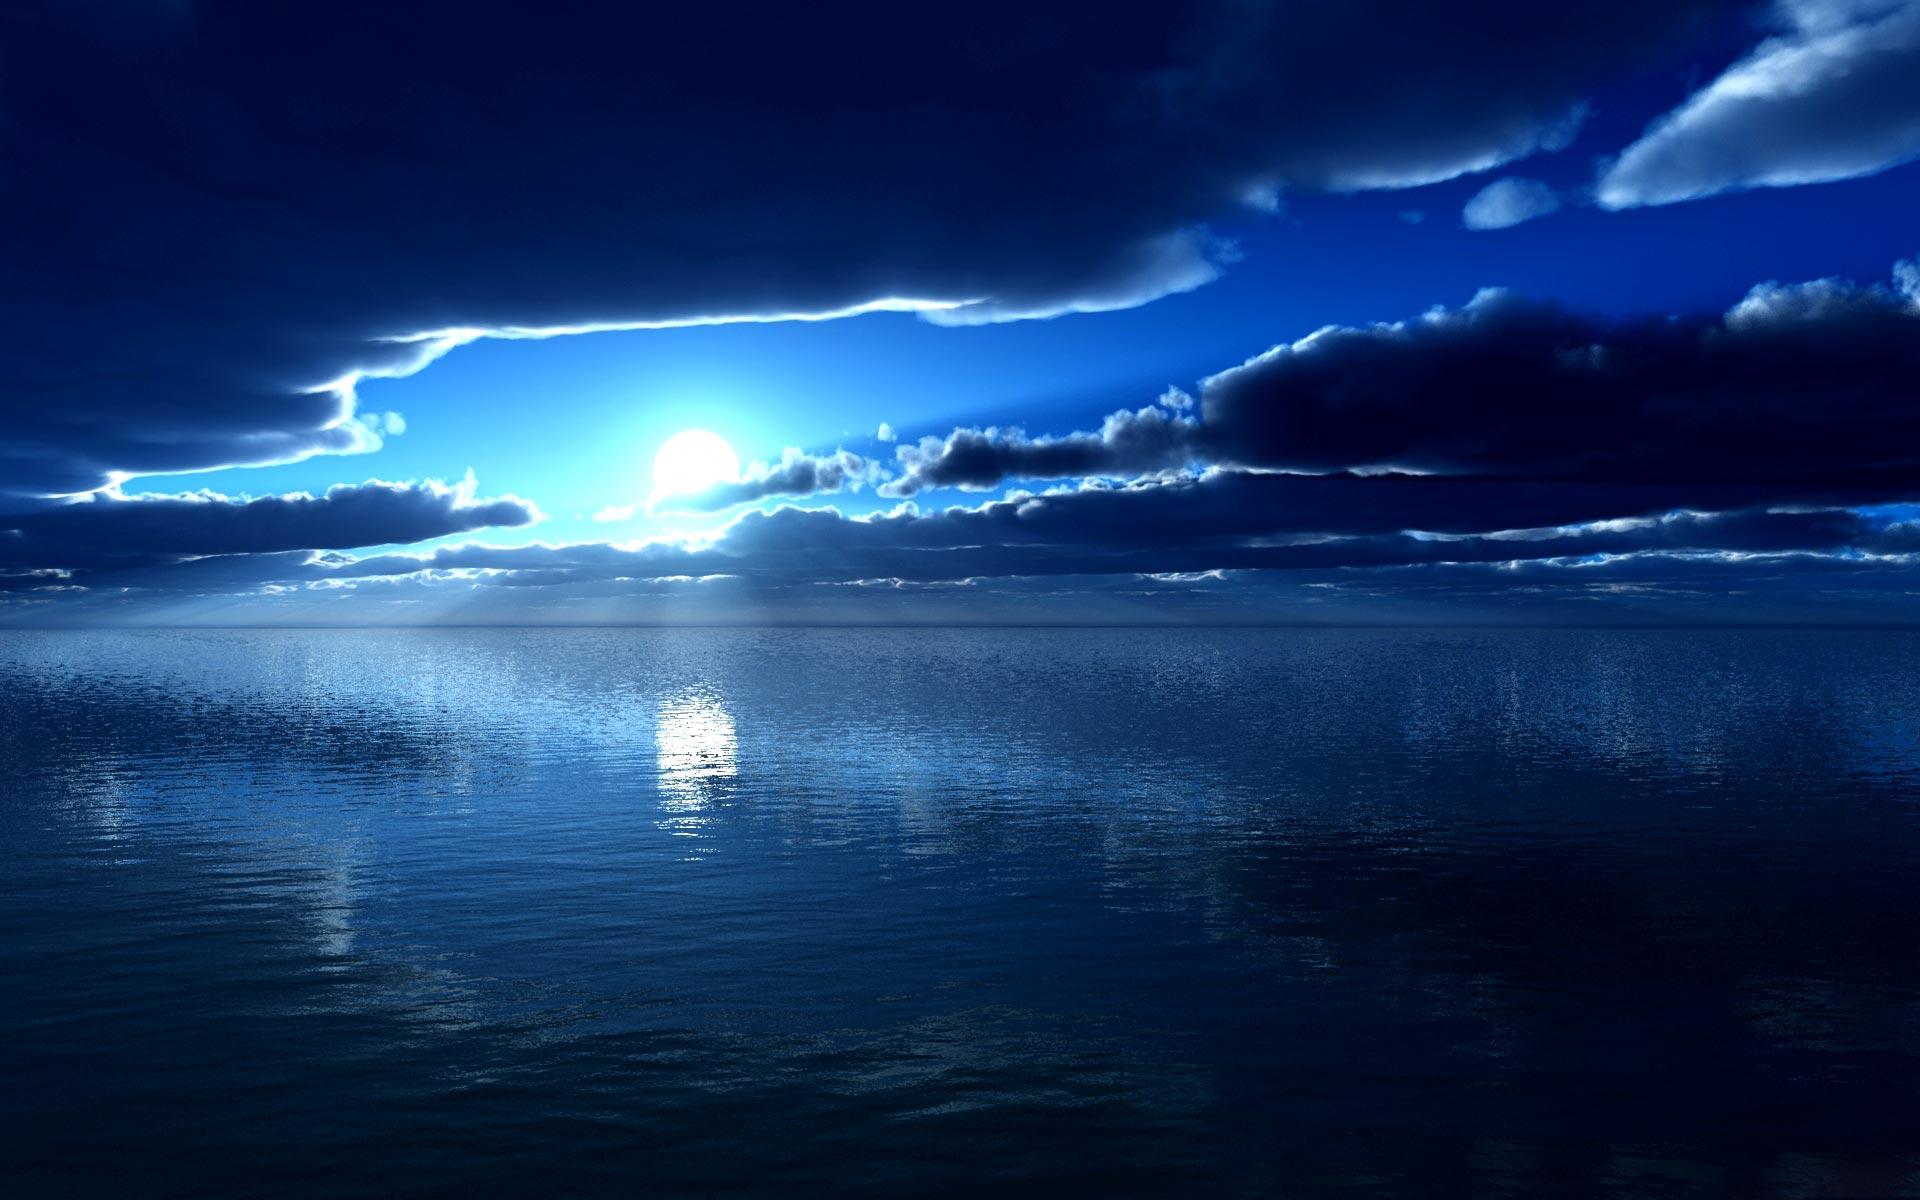 ocean desktop wallpaper which is under the ocean wallpapers 1920x1200